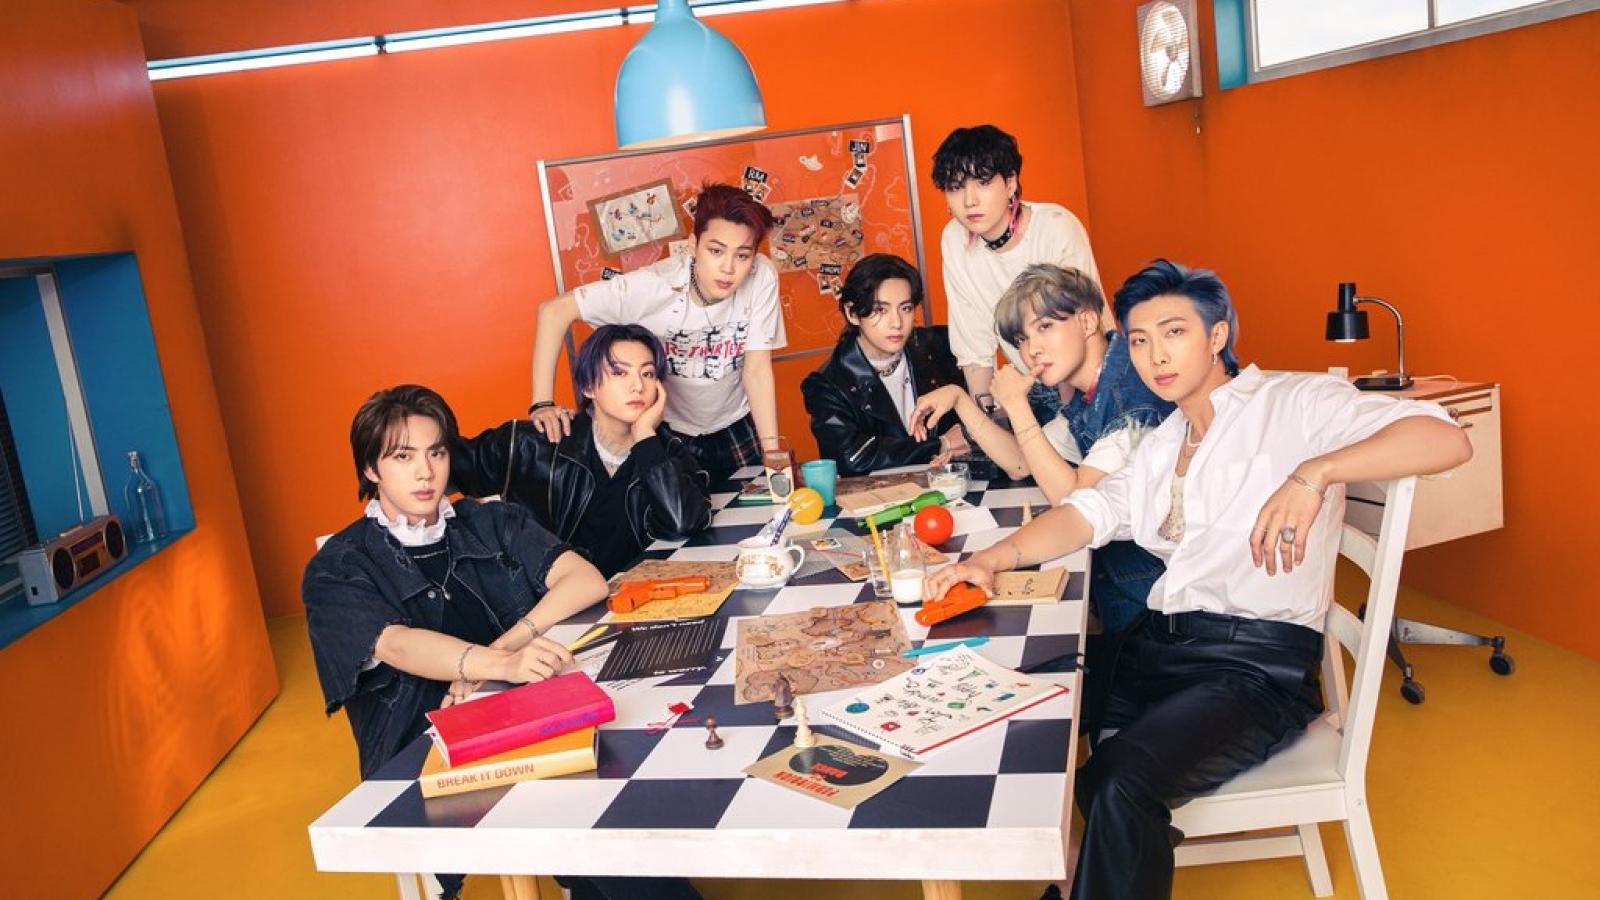 BTS sắp dự họp Liên Hợp Quốc trên cương vị mới